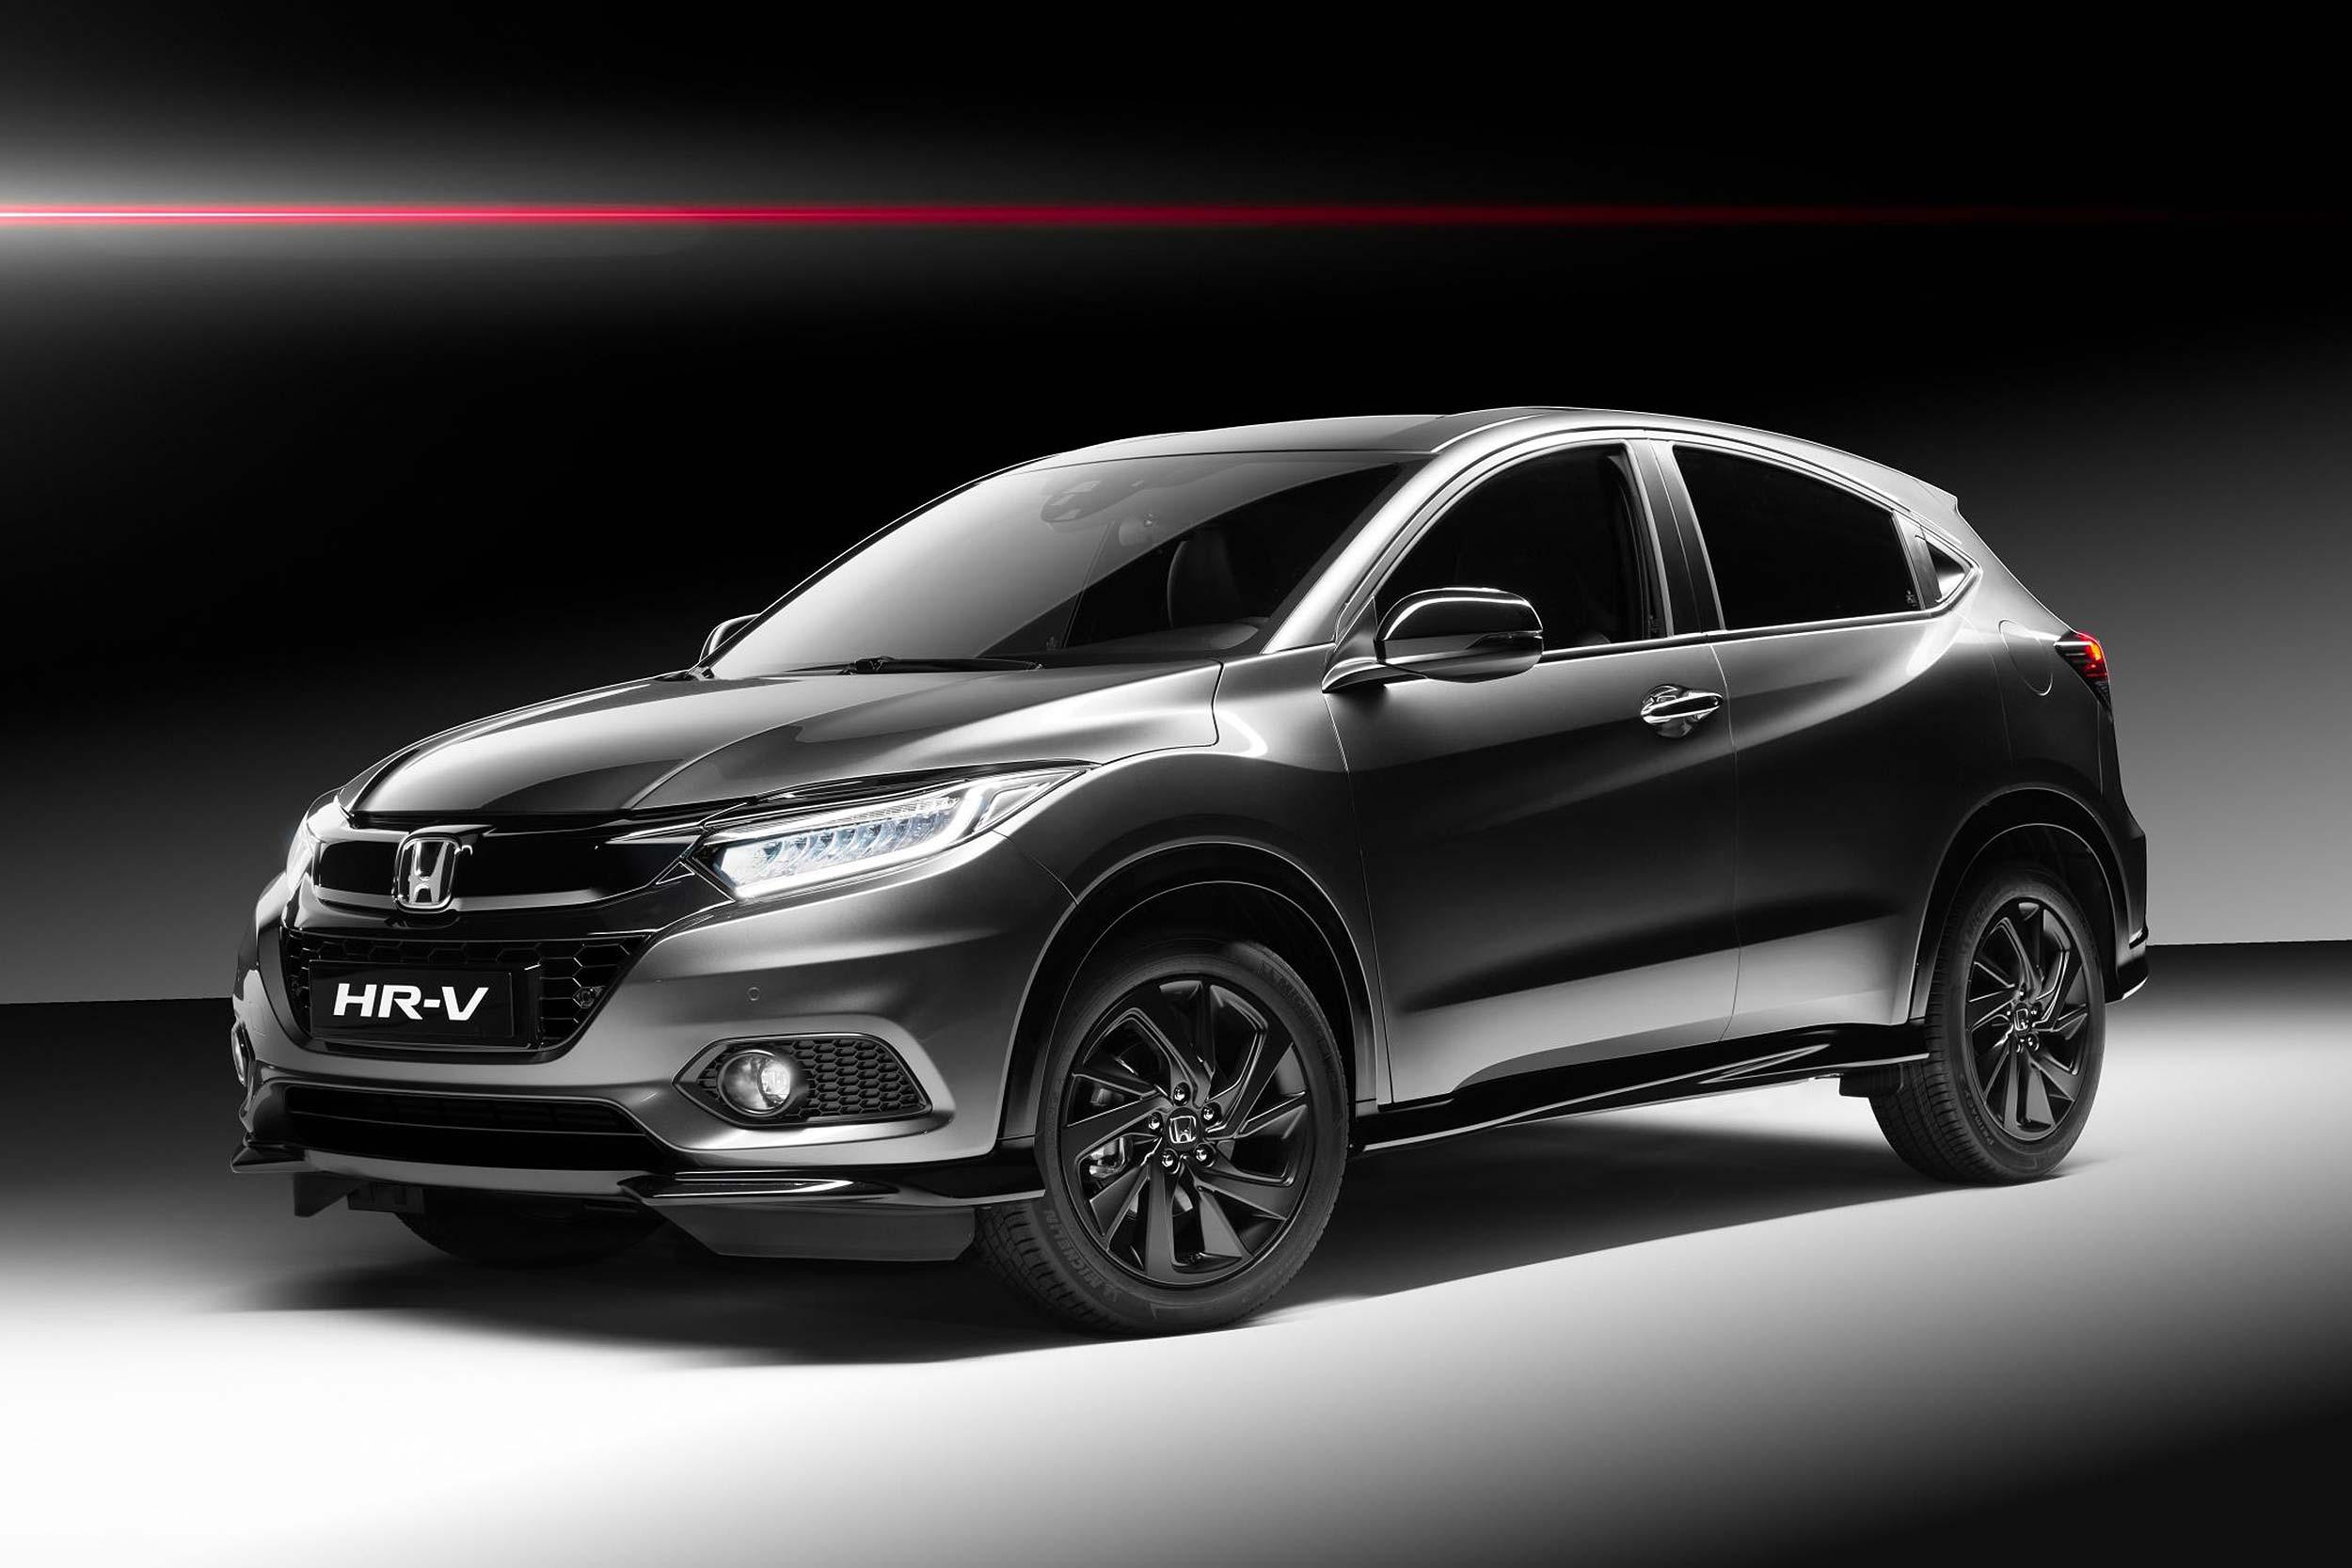 Honda HR-V Sport ra mắt tại Anh, giá bán cao hơn CR-V - 2